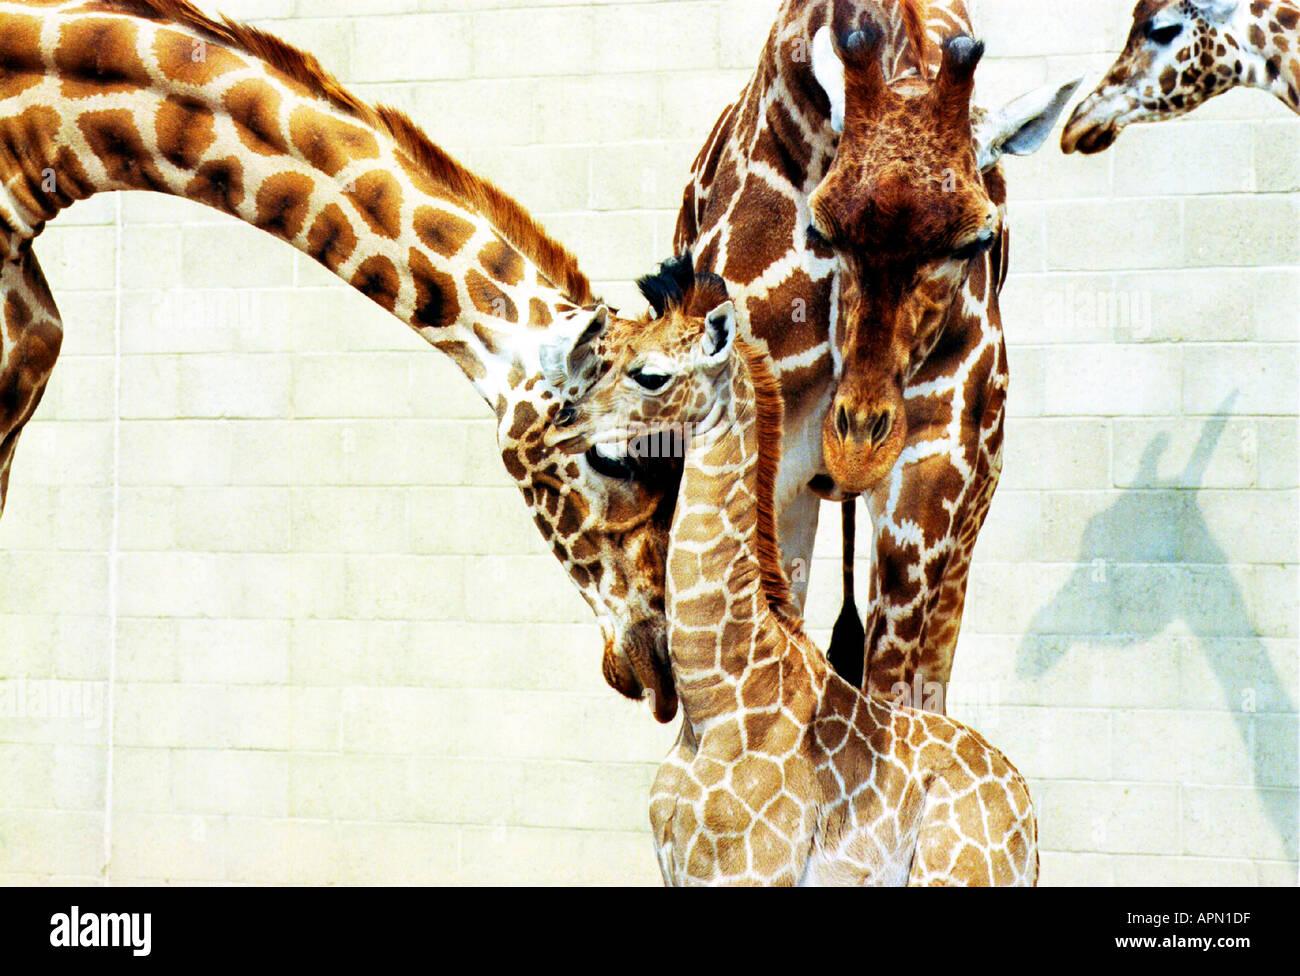 Bébé girafe avec sa famille Photo Stock